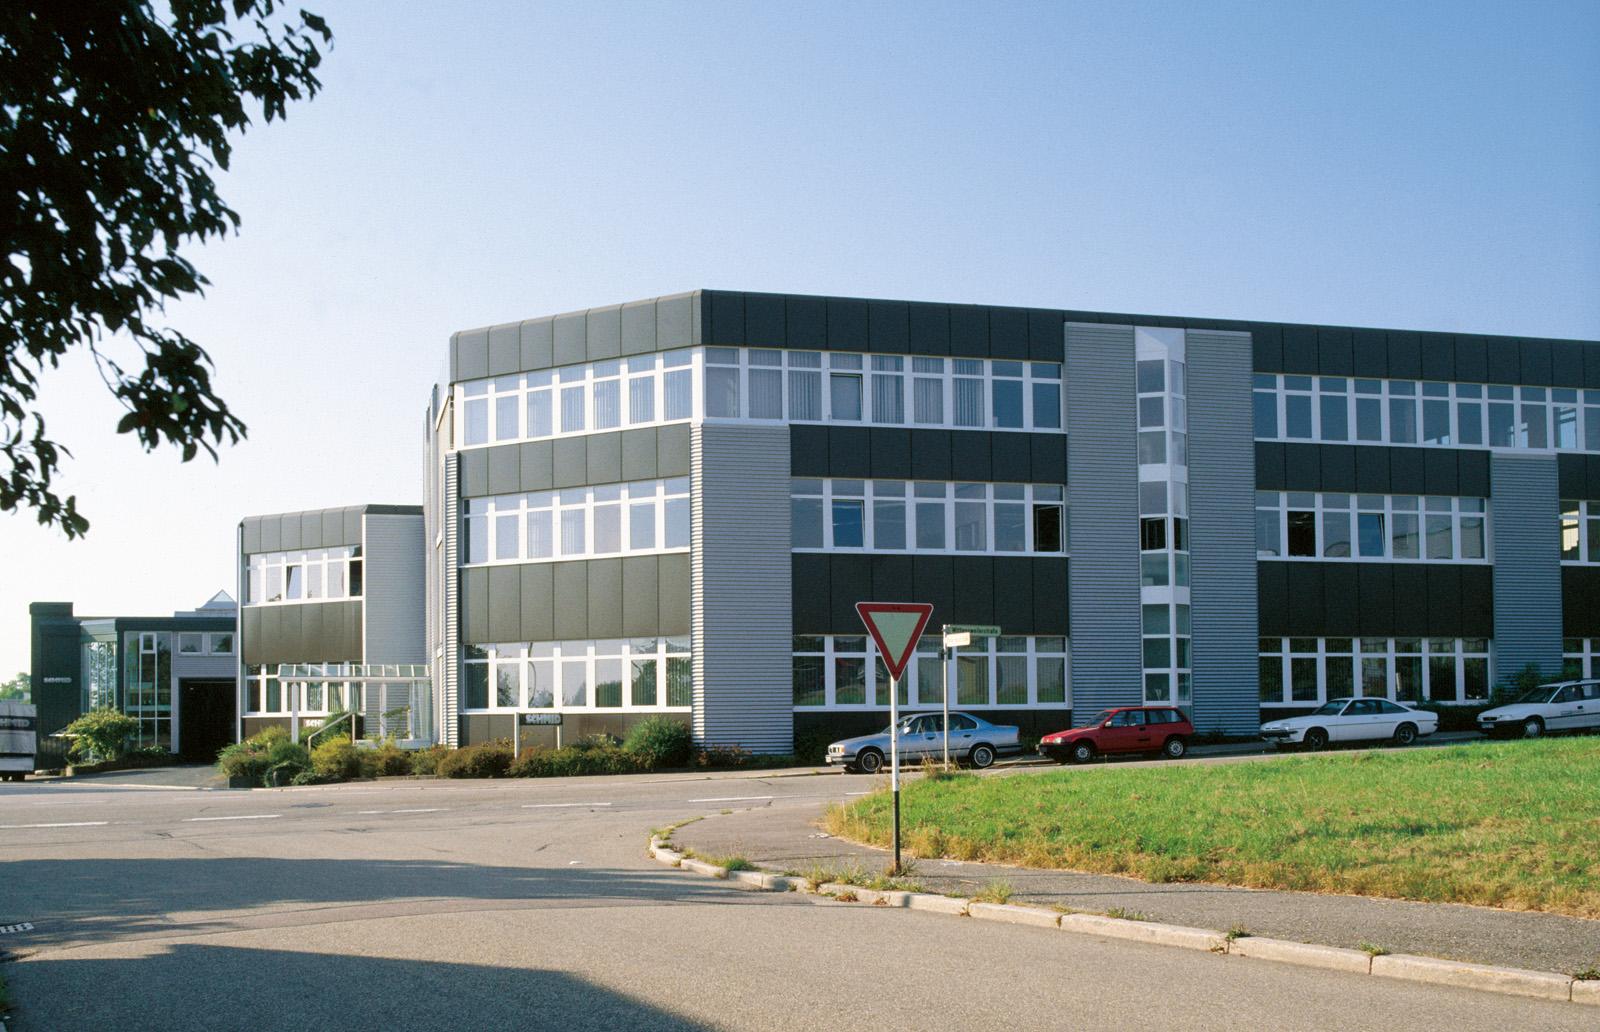 Verwaltung - Gebr. Schmid GmbH, Freudenstadt